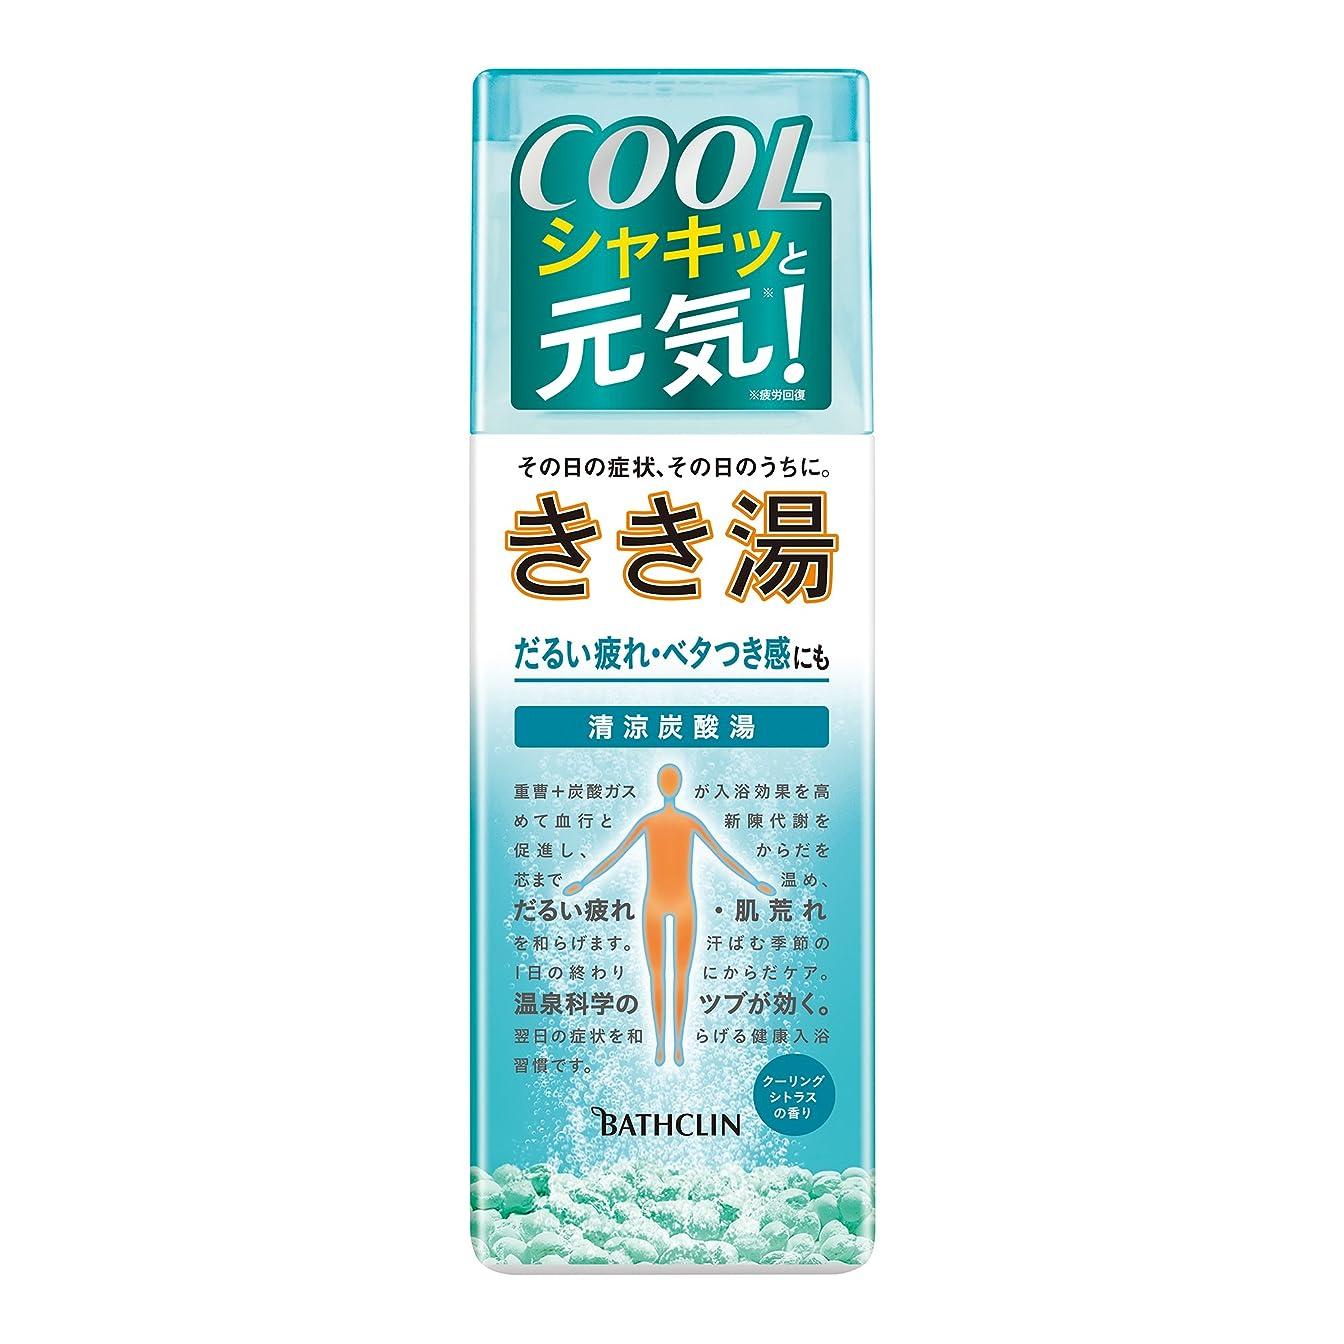 記録地殻受け入れた【医薬部外品】きき湯清涼炭酸湯クーリングシトラスの香り360gスカイブルーの湯透明タイプ入浴剤